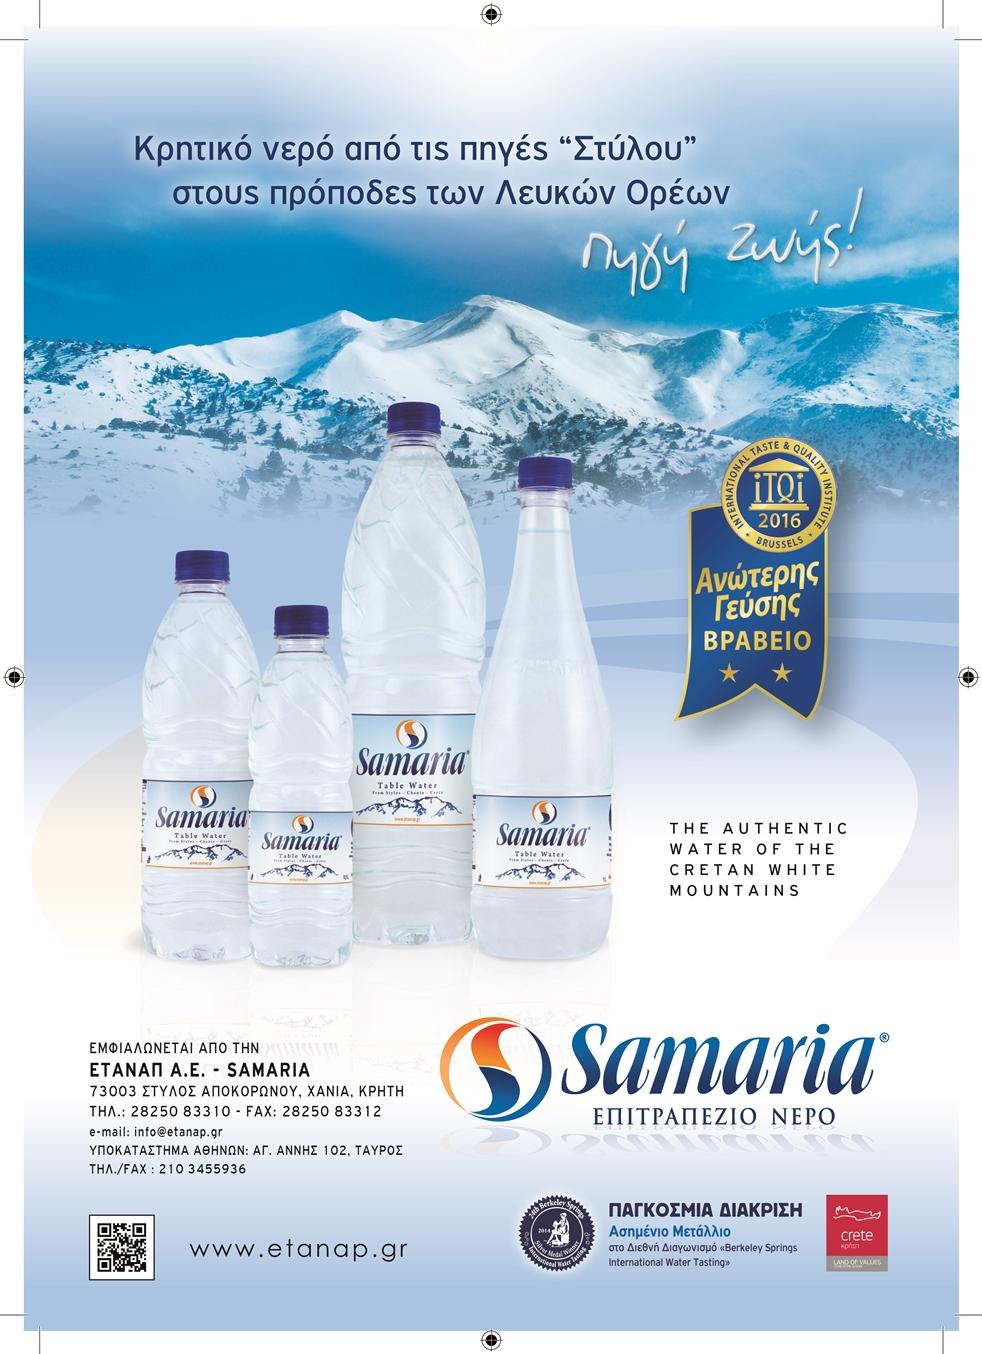 samaria-170X240-3mm-102016